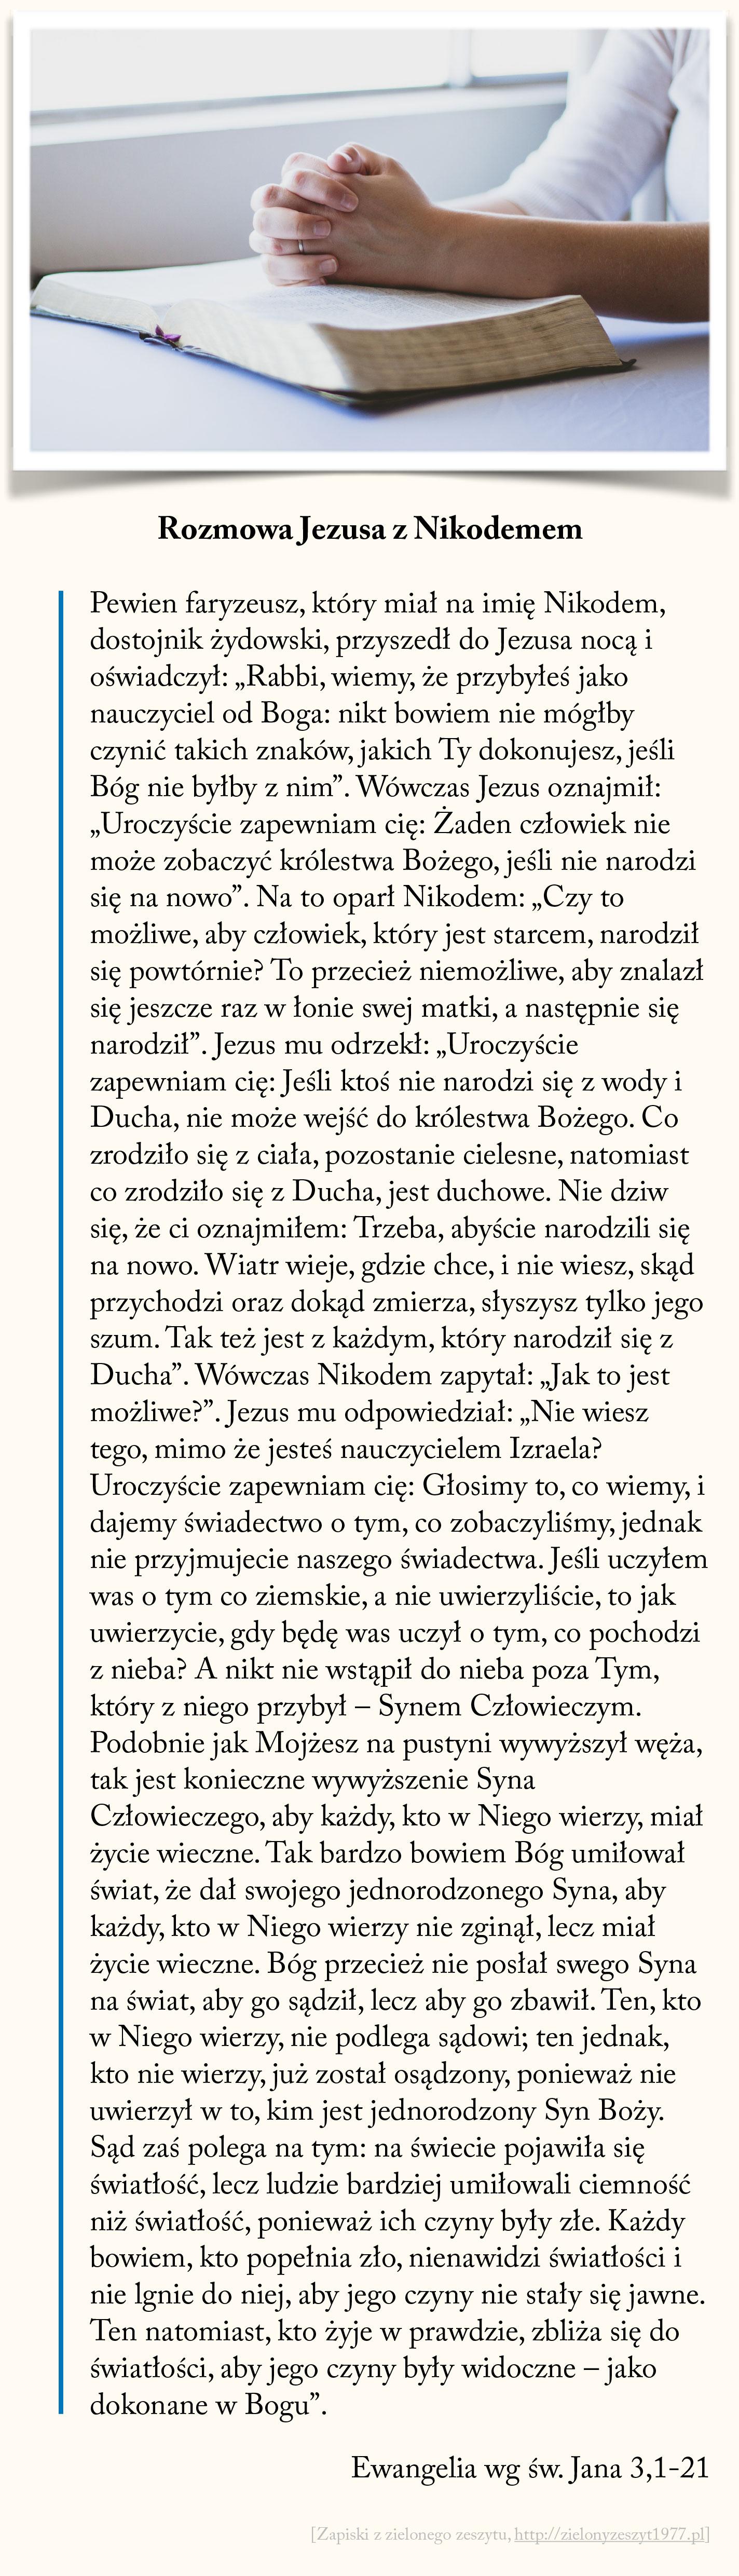 Rozmowa Jezusa z Nikodemem, Ewangelia wg św. Jana